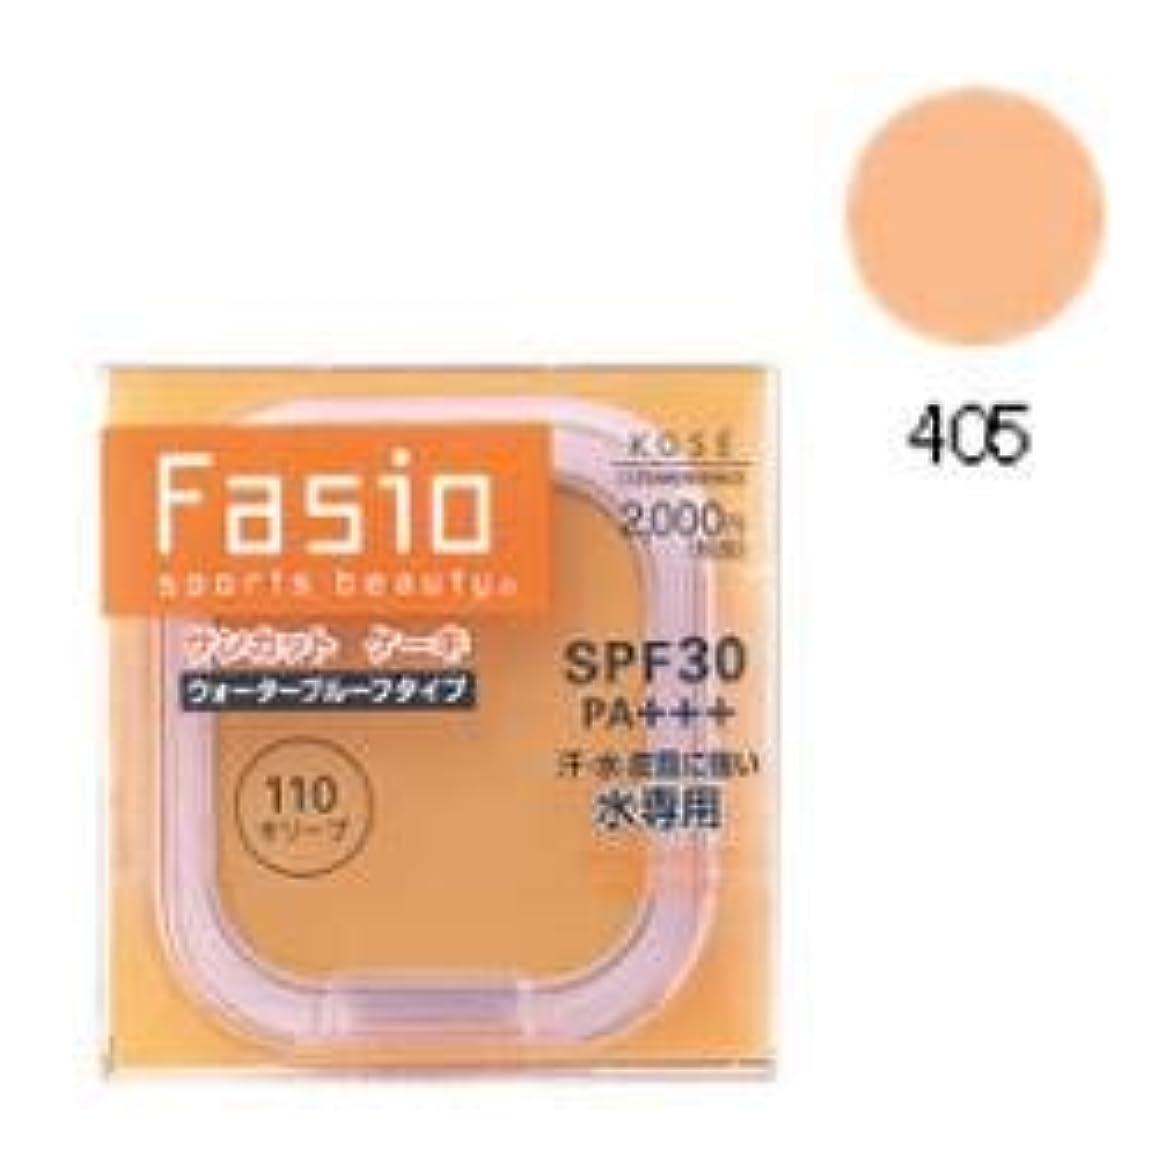 禁止エリート任意コーセー Fasio ファシオ サンカット ケーキ 詰め替え用 405